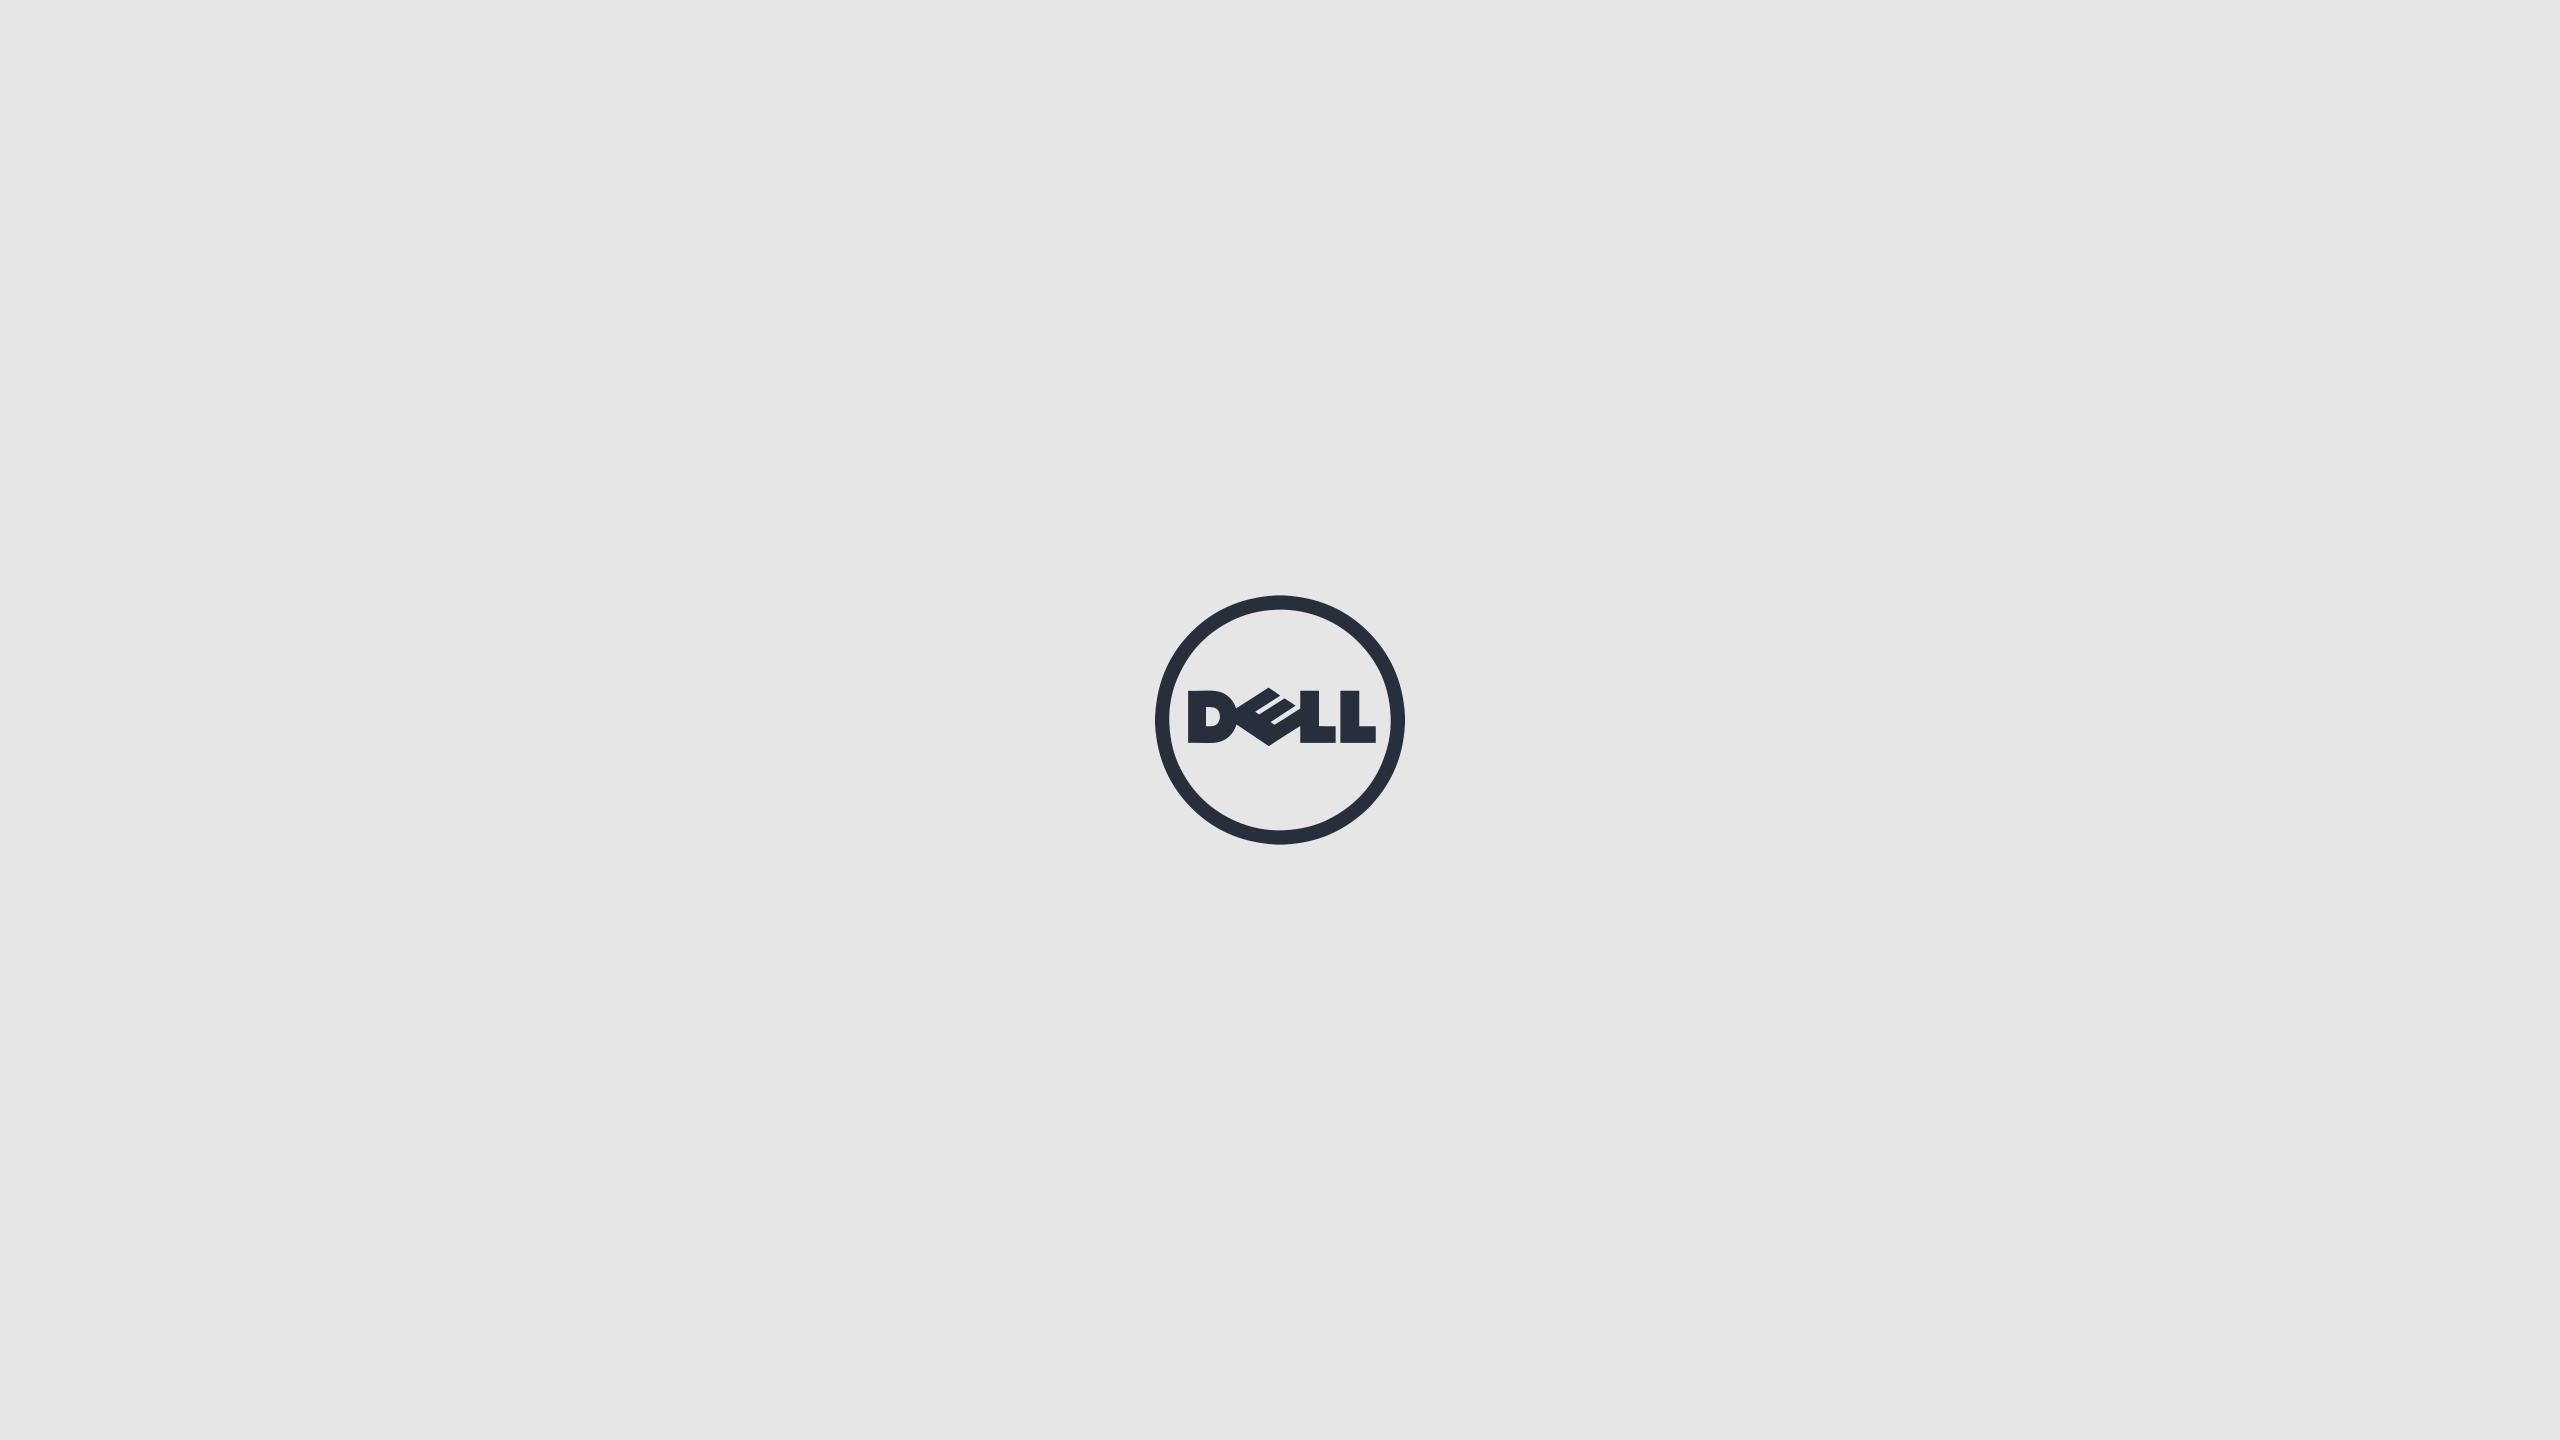 デスクトップ壁紙 ミニマリズム テキスト ロゴ サークル ブランド デル 形状 ライン フォント 図 2560x1440 Microcosmos デスクトップ壁紙 Wallhere